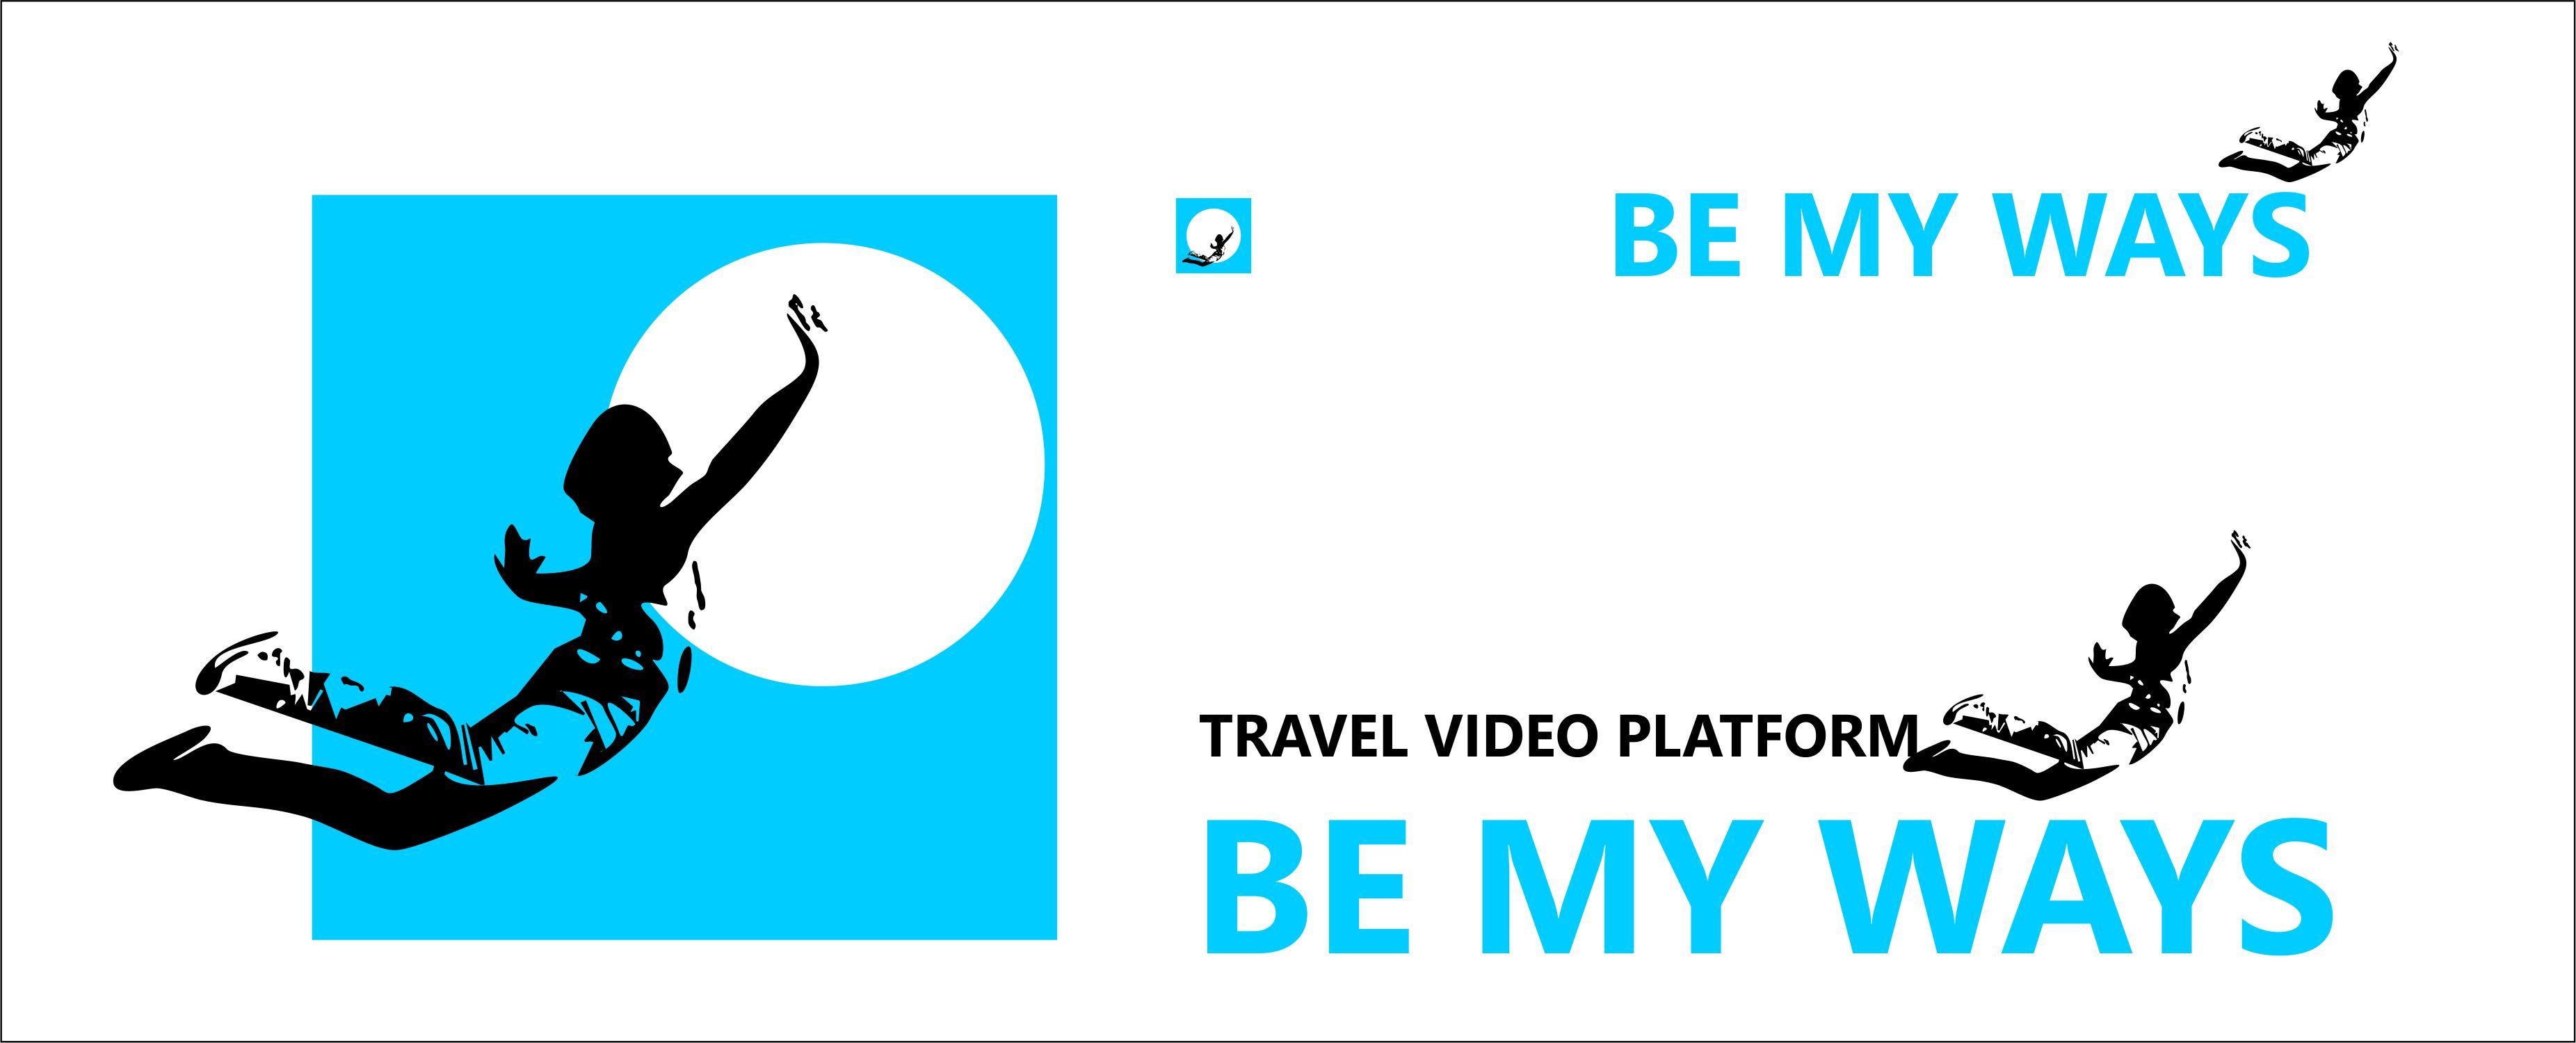 Разработка логотипа и иконки для Travel Video Platform фото f_7245c387657c0176.jpg